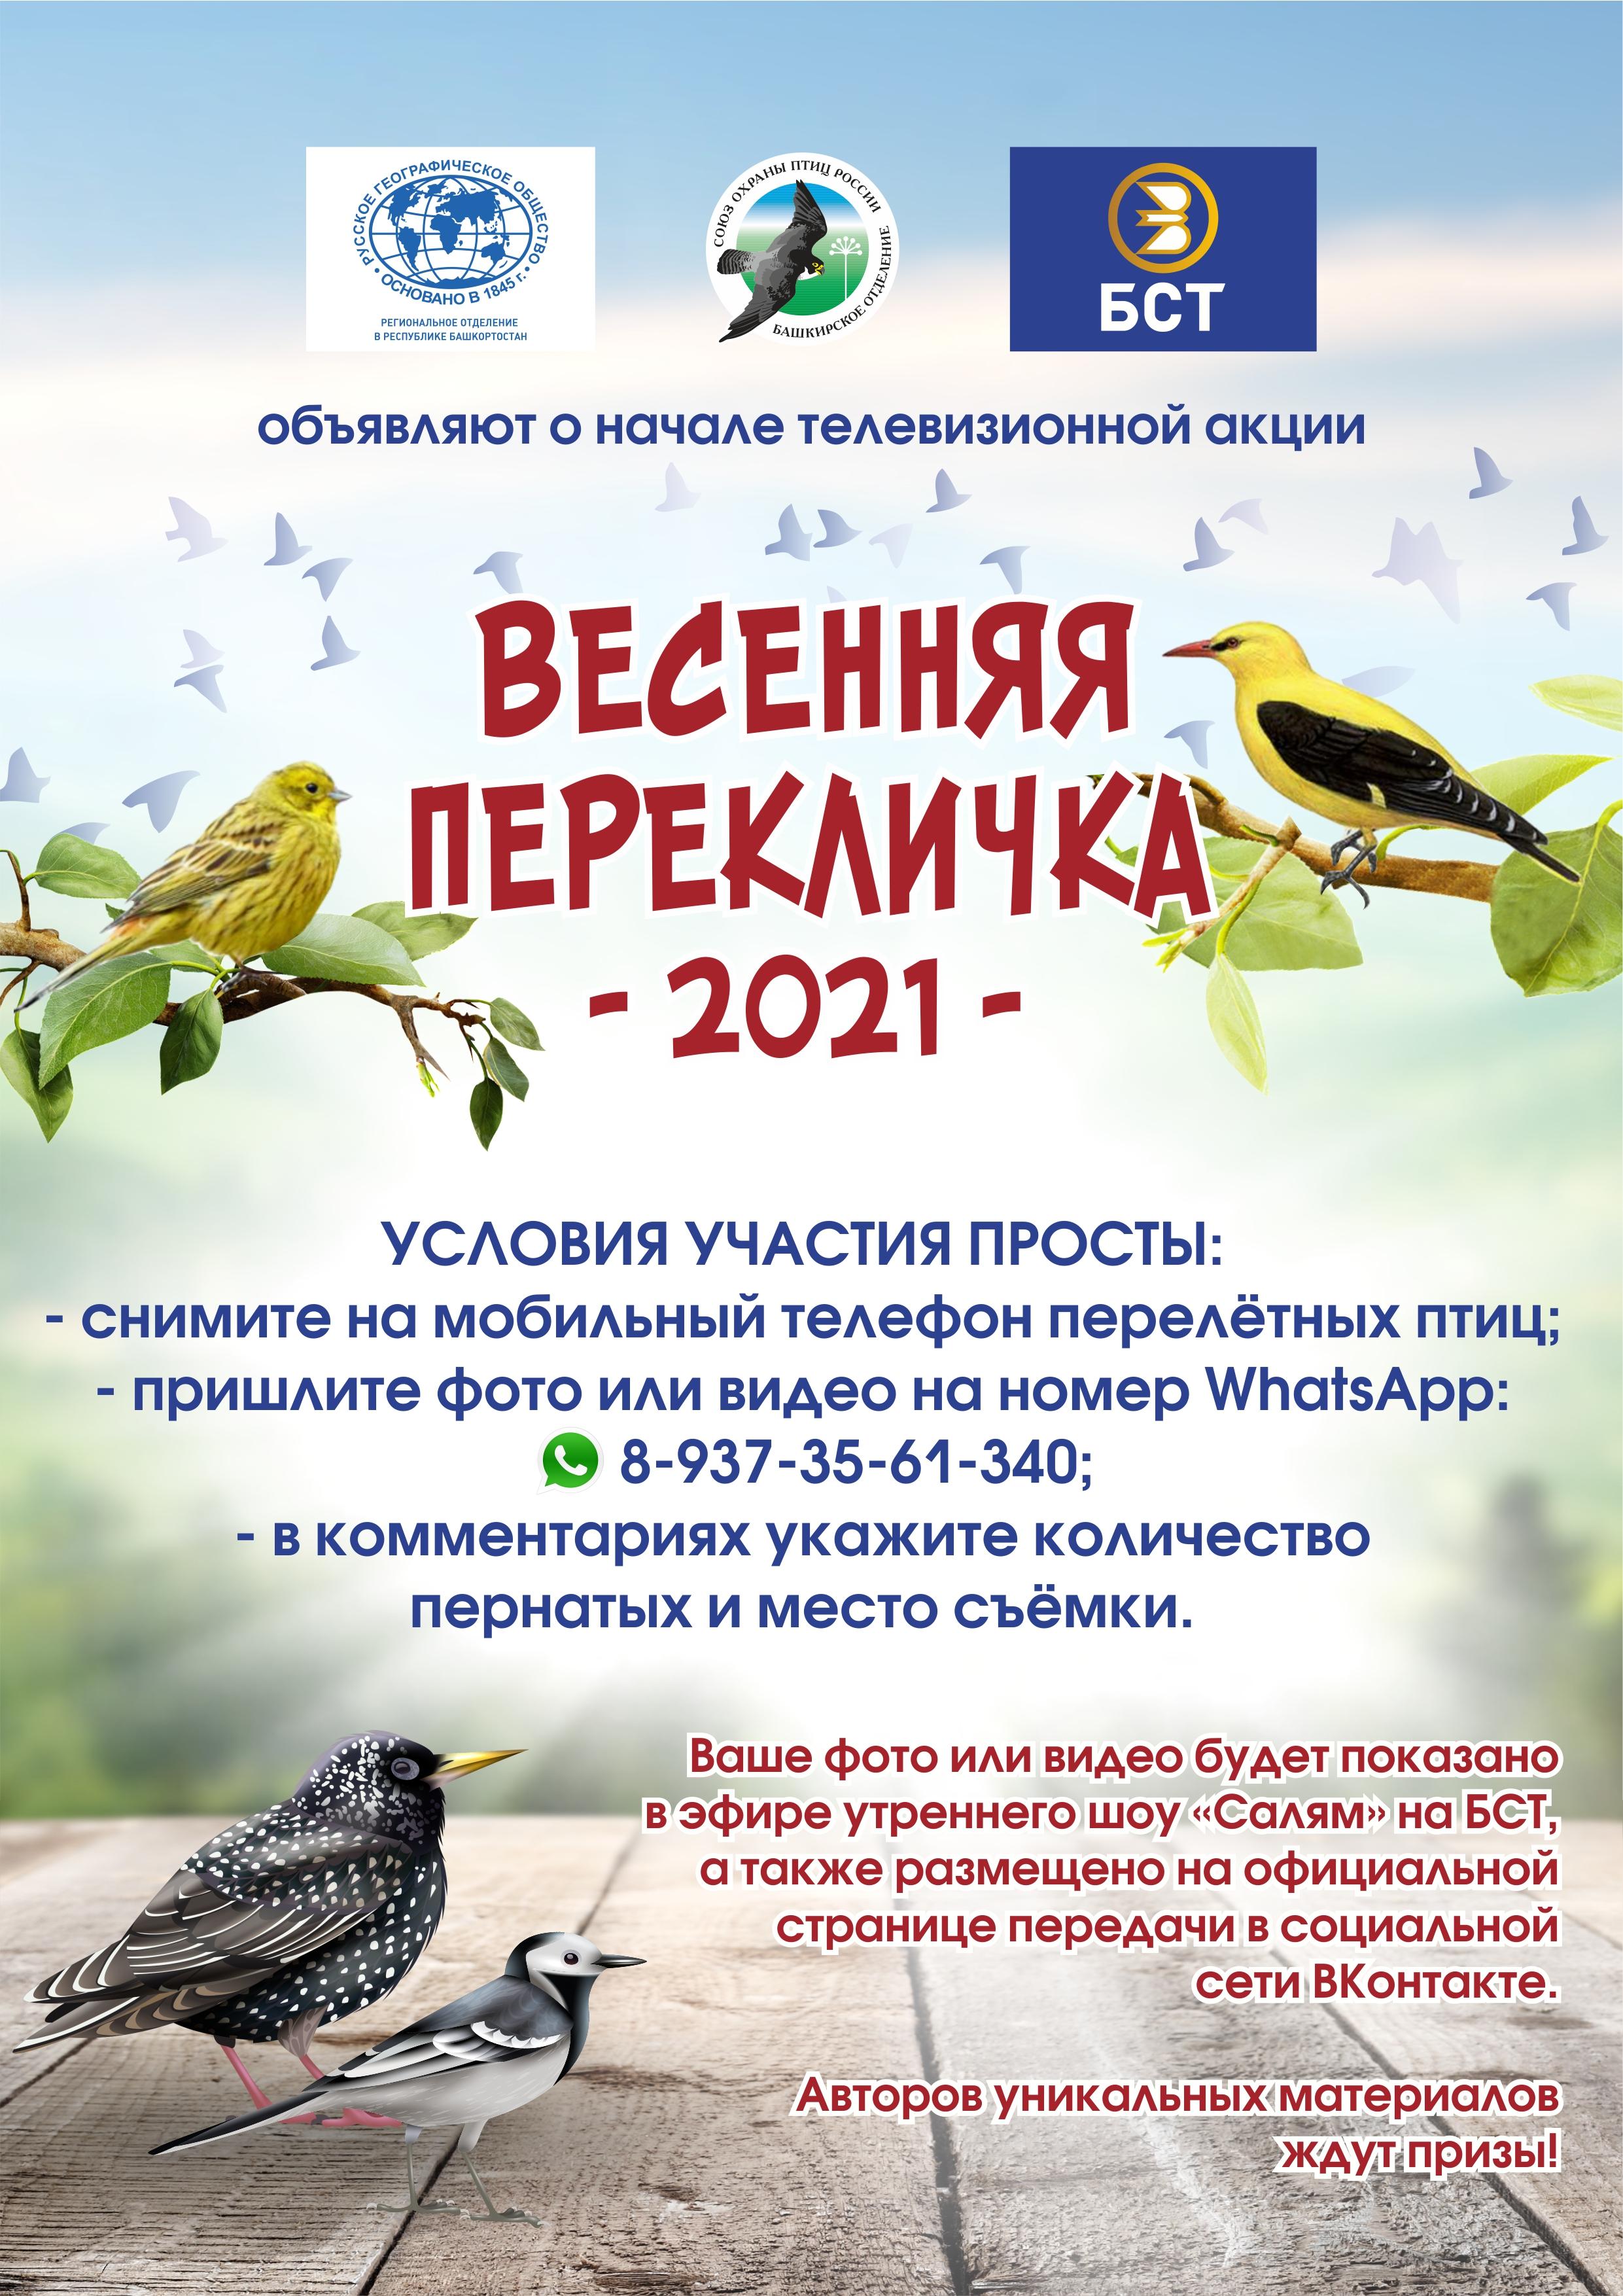 Акция «Весенняя перекличка-2021» в Республике Башкортостан